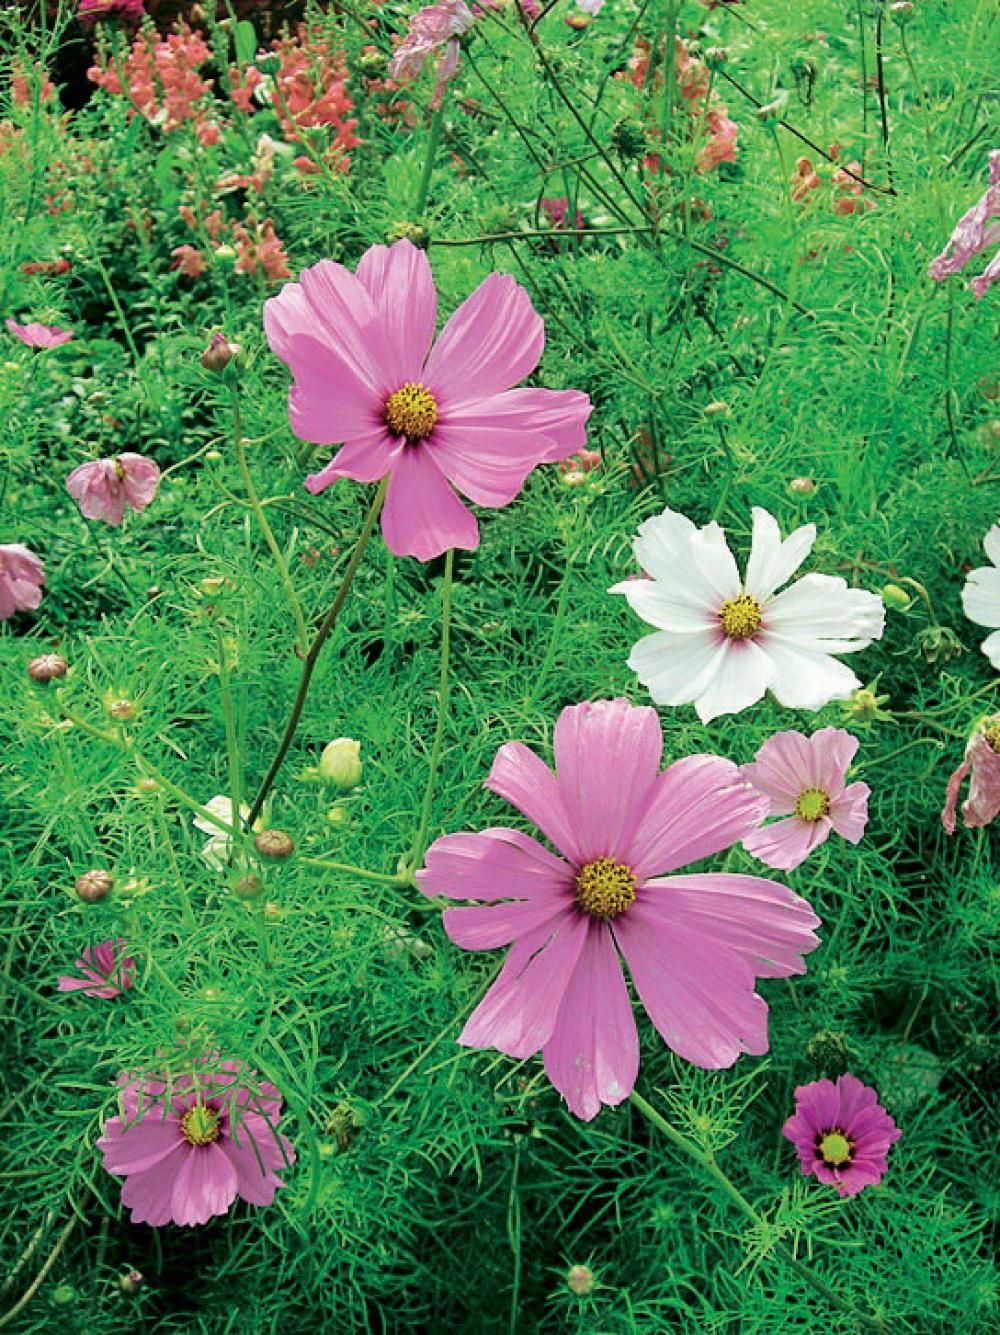 Schnittblumen Aus Dem Garten Schnittblumen Garten Sommerblumen